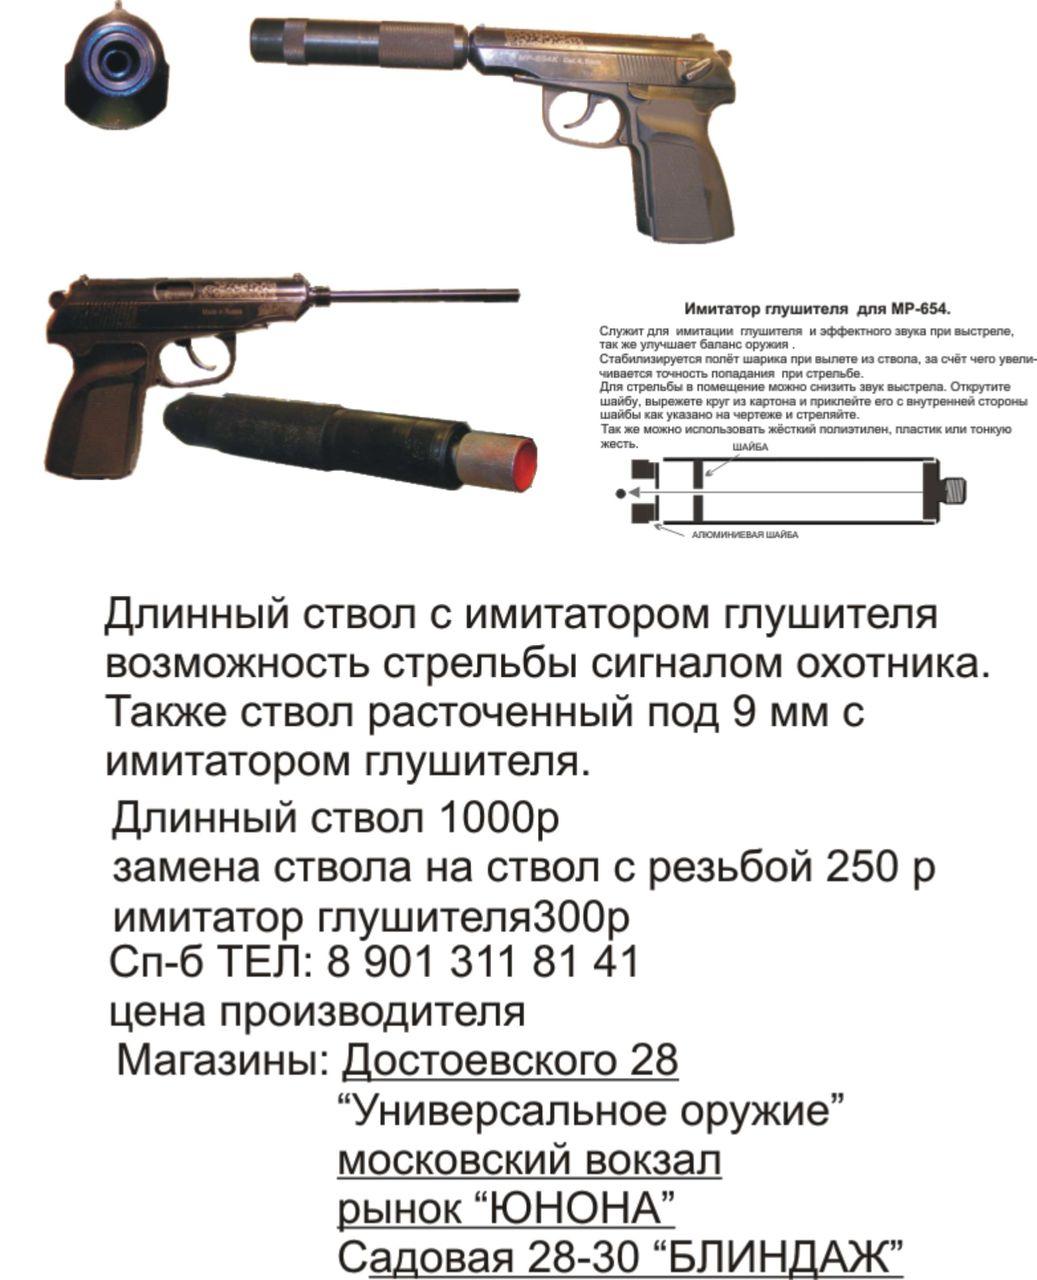 Тюнинг мр 654 27